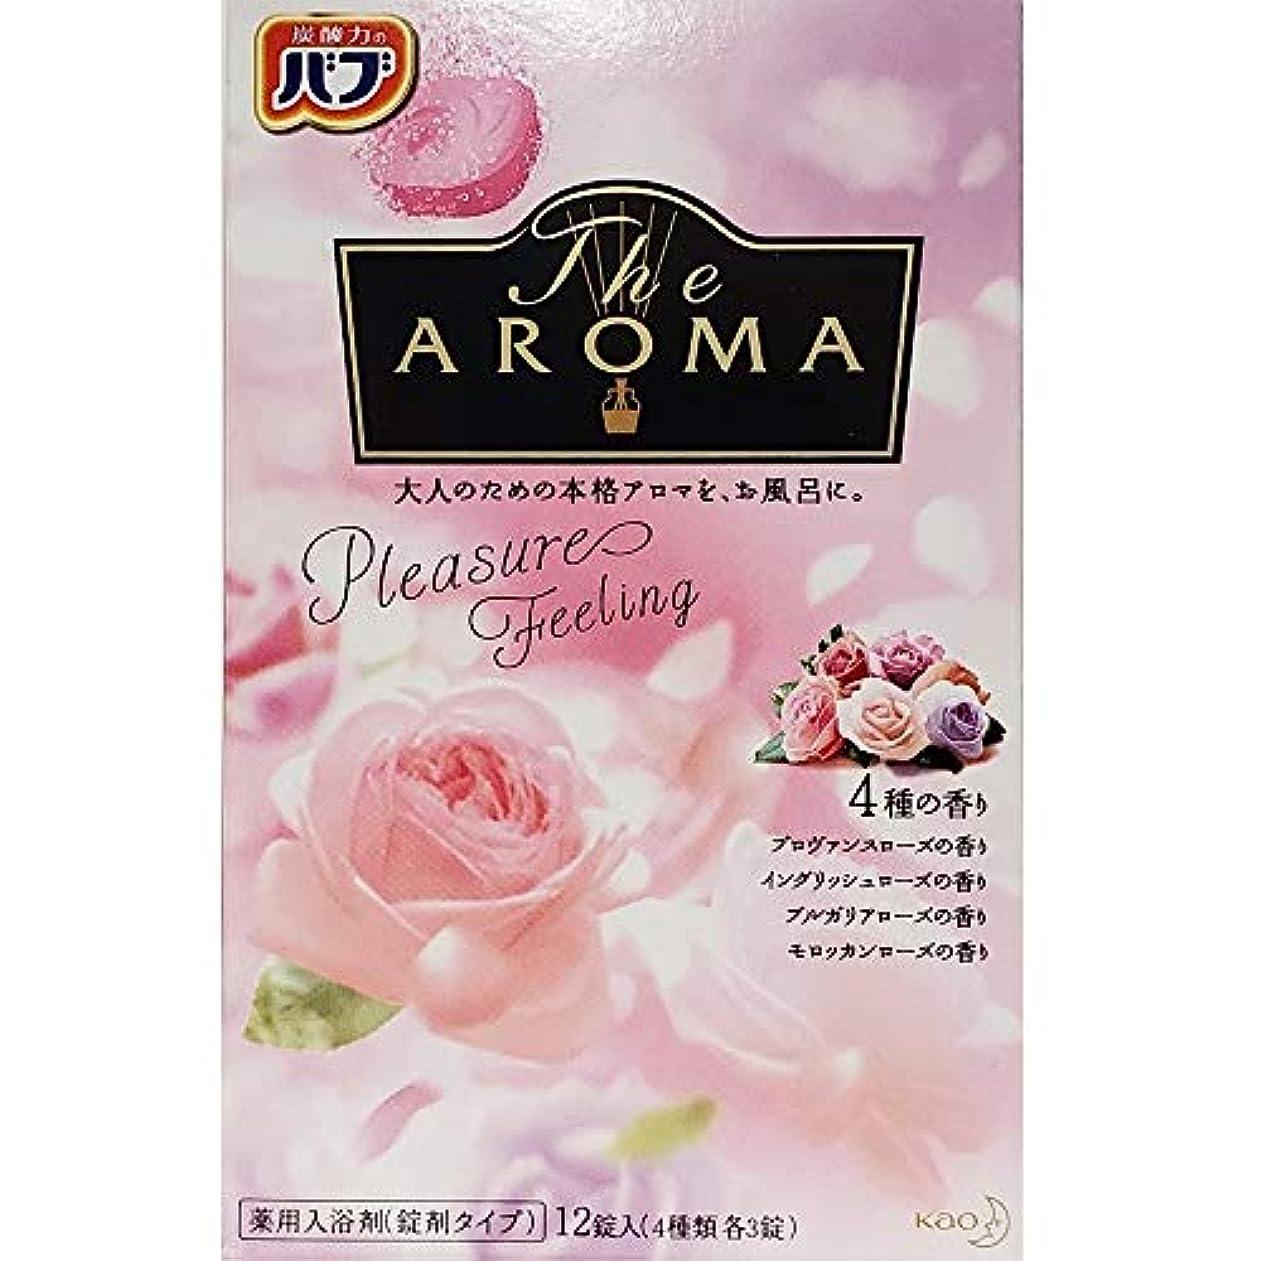 累計承認する勤勉なバブ The Aroma Pleasure Feeling 40g×12錠(4種類 各3錠) 医薬部外品